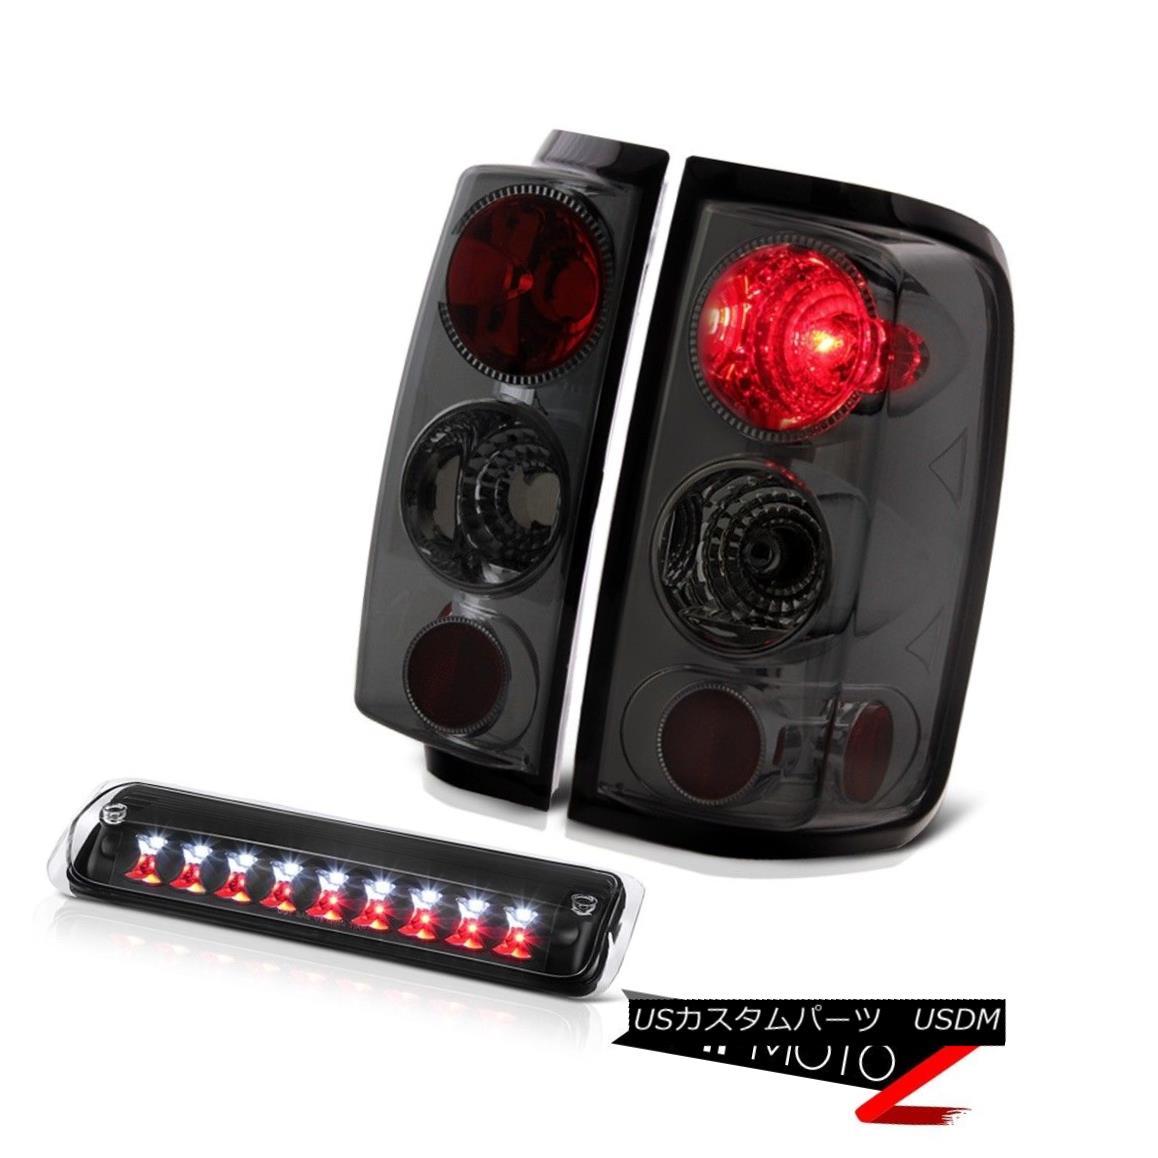 テールライト 04-08 Ford F150 STX Black 3RD Brake Lamp Graphite Smoke Parking Lights LED Euro 04-08フォードF150 STXブラック3RDブレーキランプグラファイトスモークパーキングライトLEDユーロ